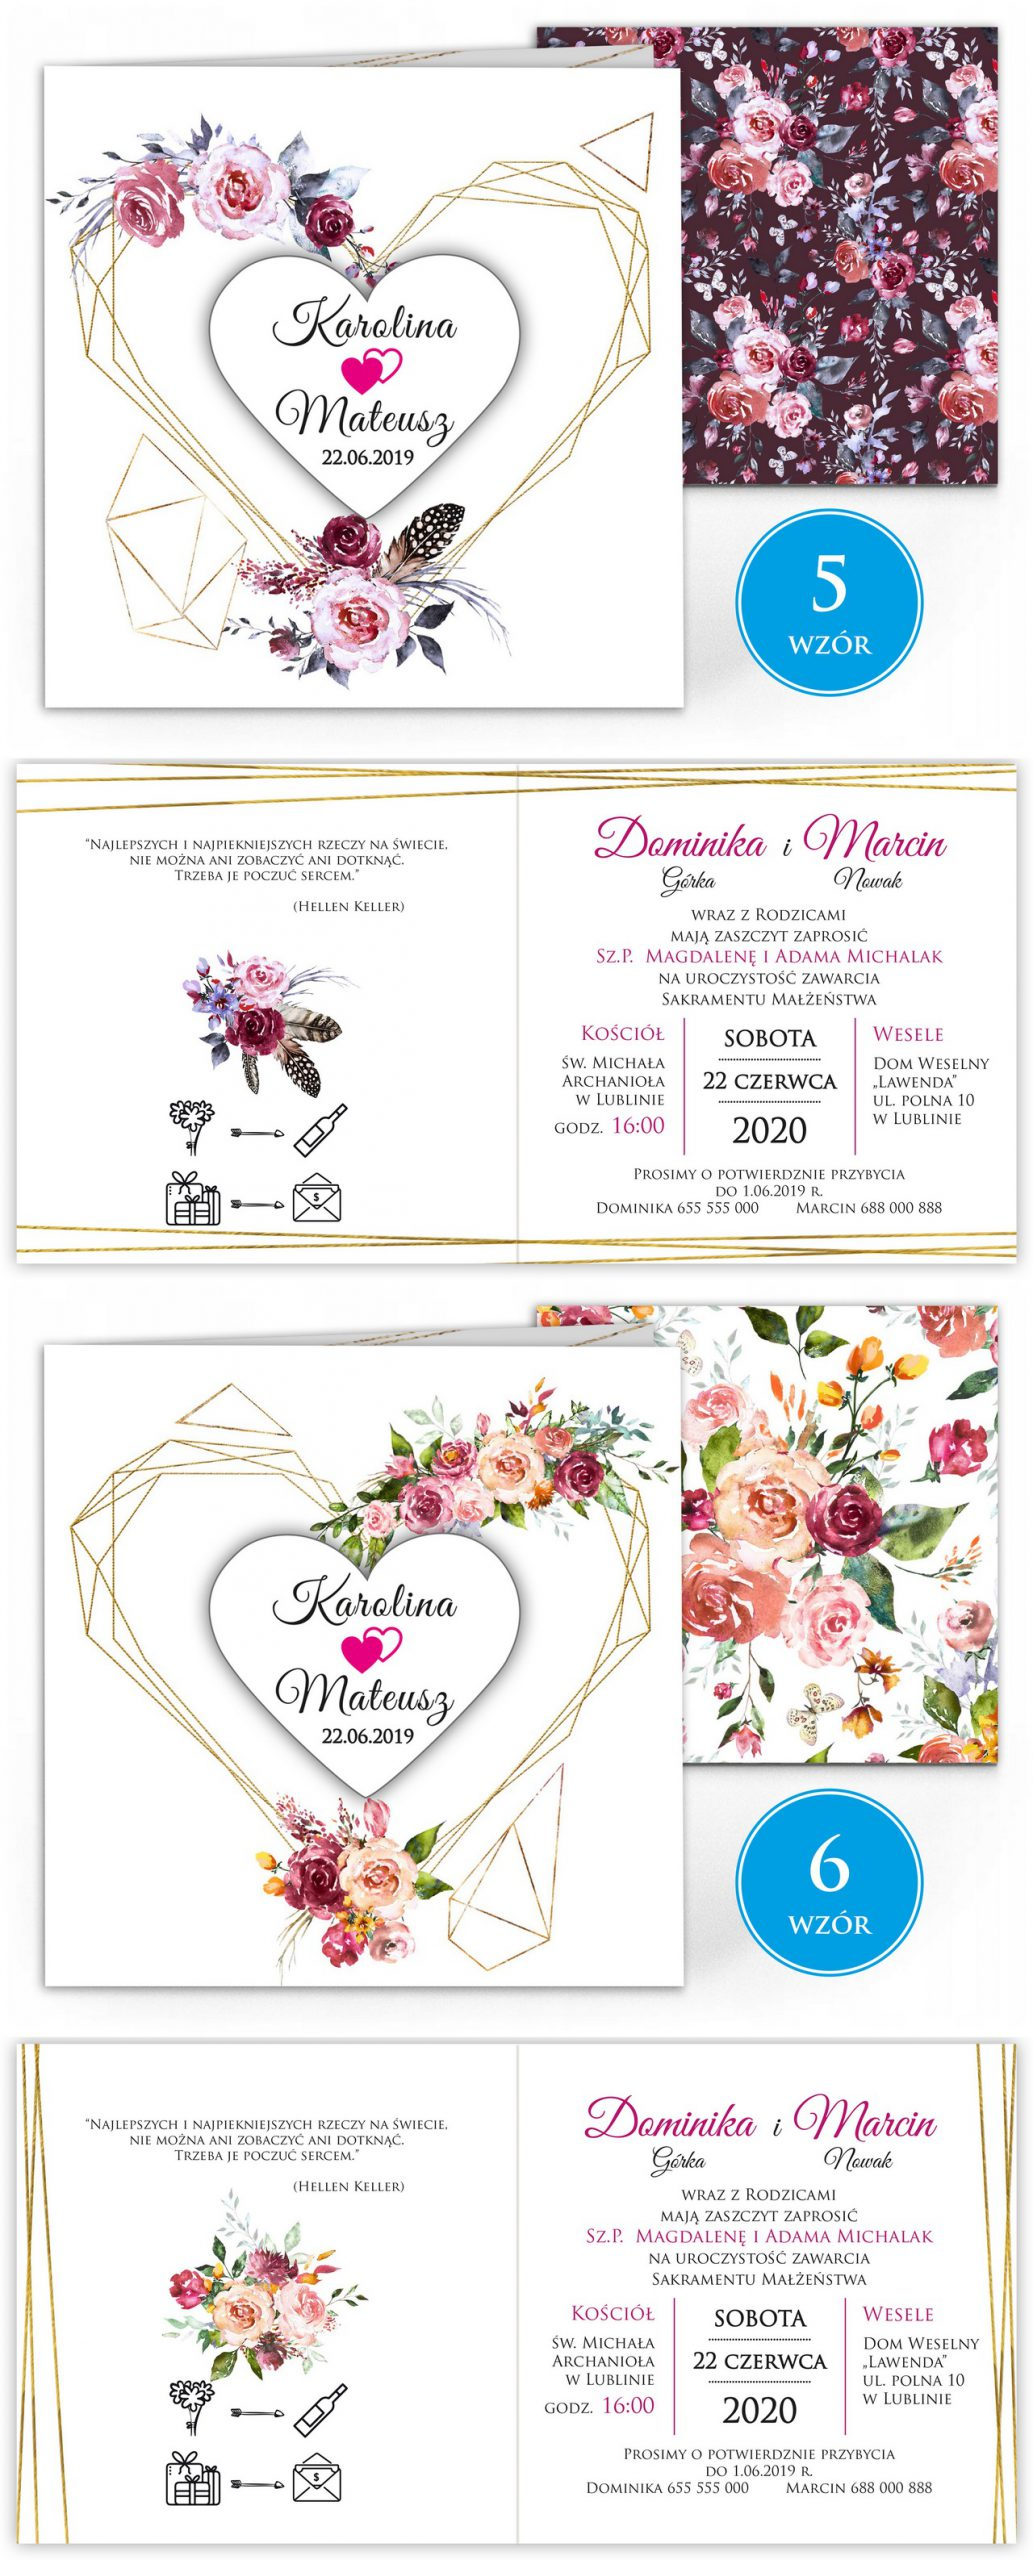 zaproszenia-ślubne-boho-rustykalne-kwiatowe--ramki-serca-geometryczne-ze-wstążką-Wenus2-plansza-wzory5-6